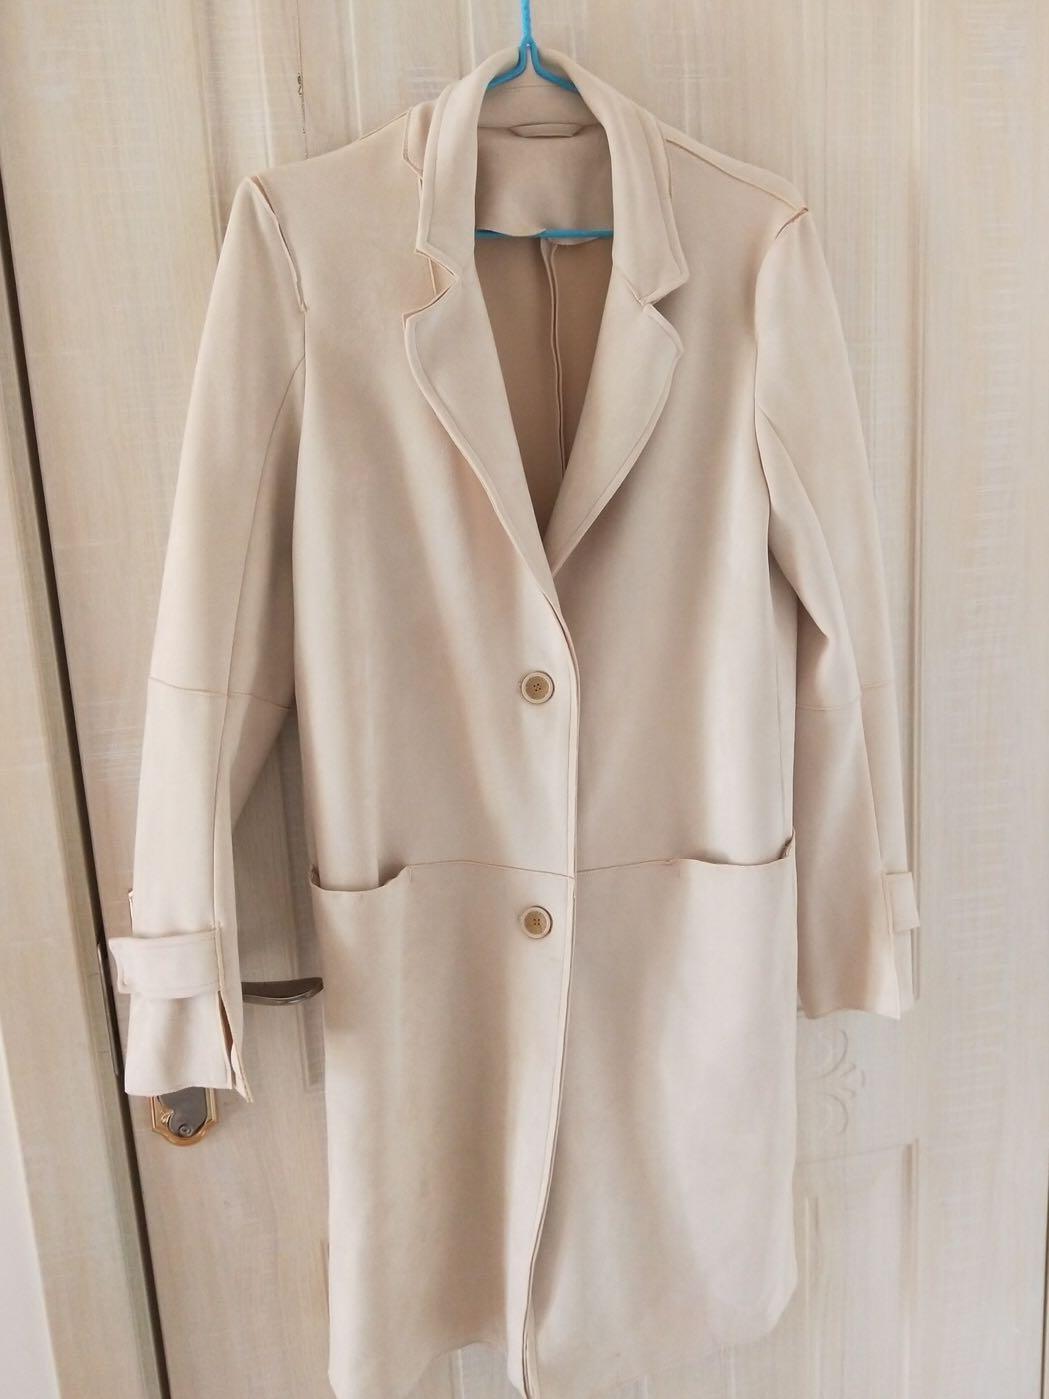 ZARA cream long blazer / coat